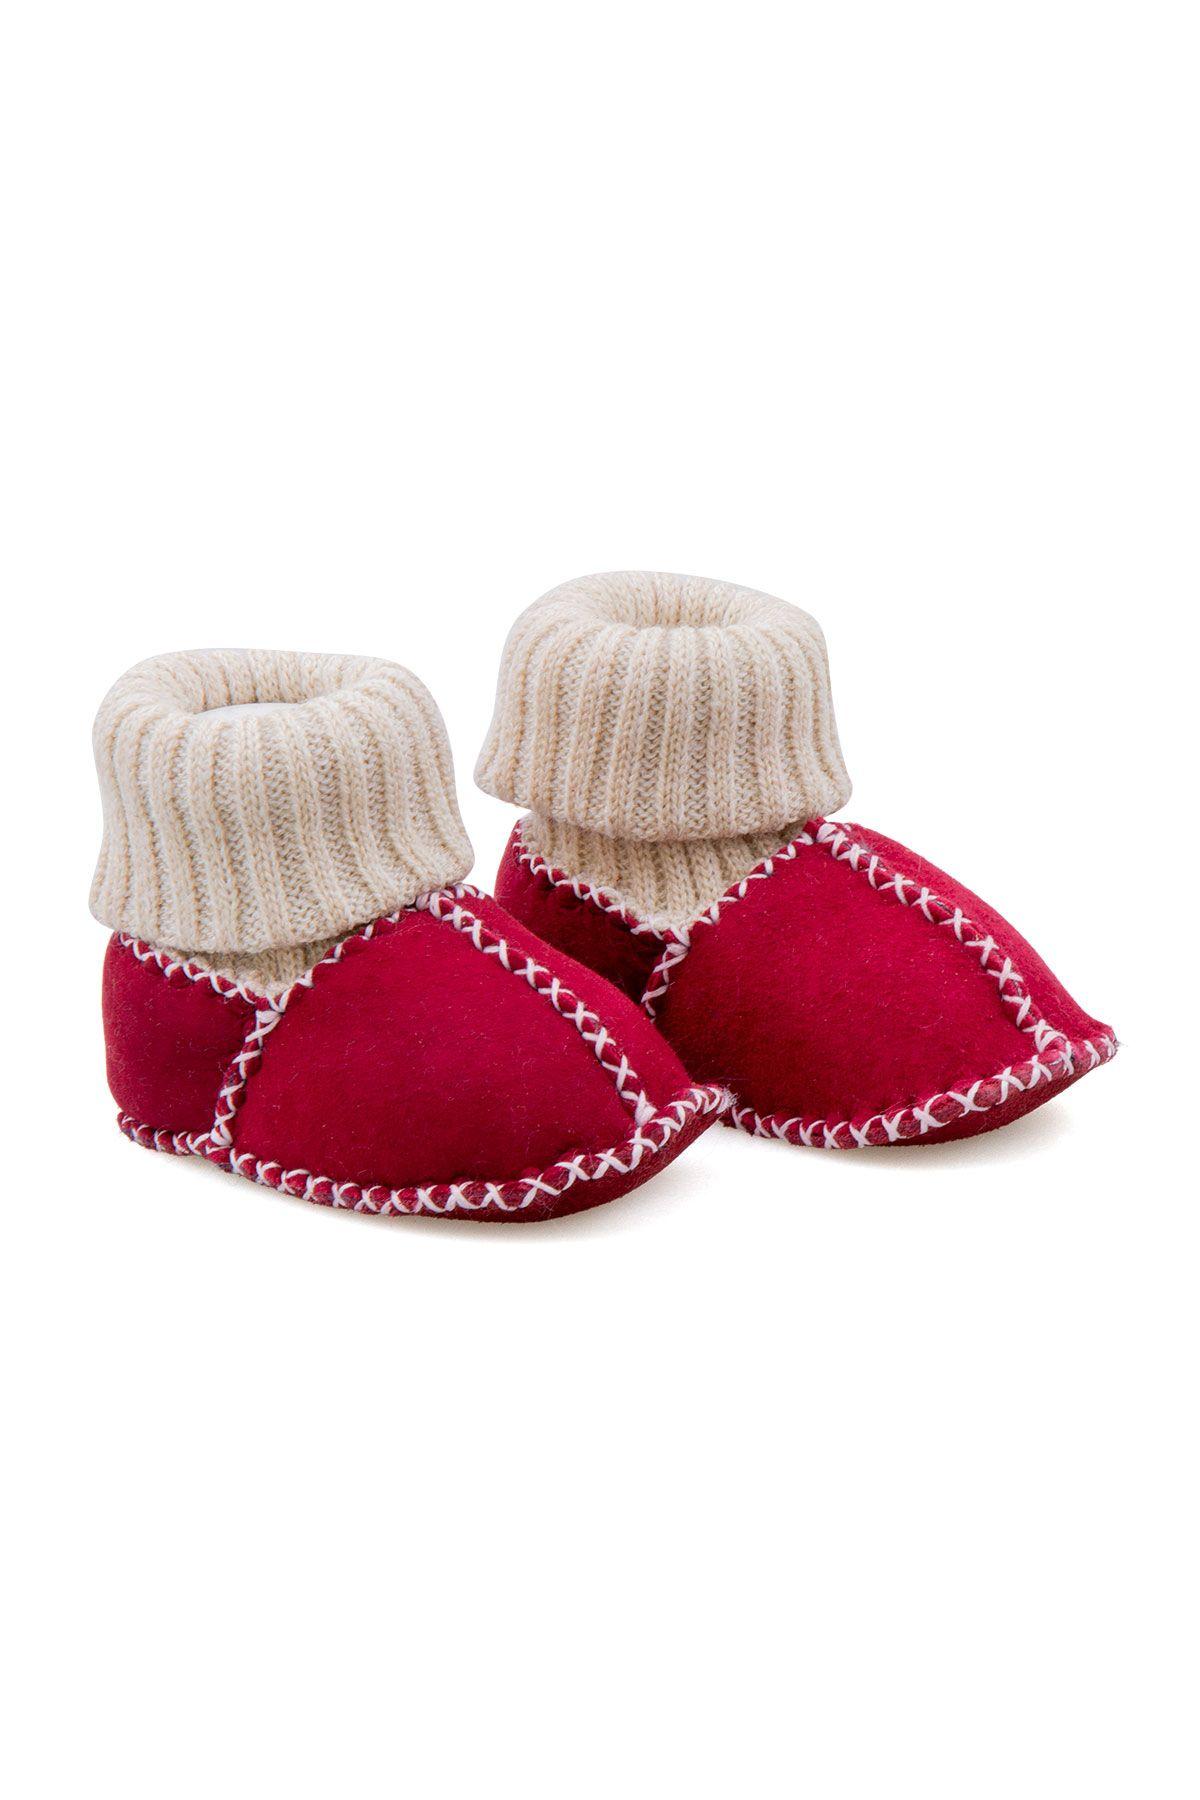 Pegia Hakiki Kürklü Çoraplı Bebek Patiği 141107 Nar Çiçeği